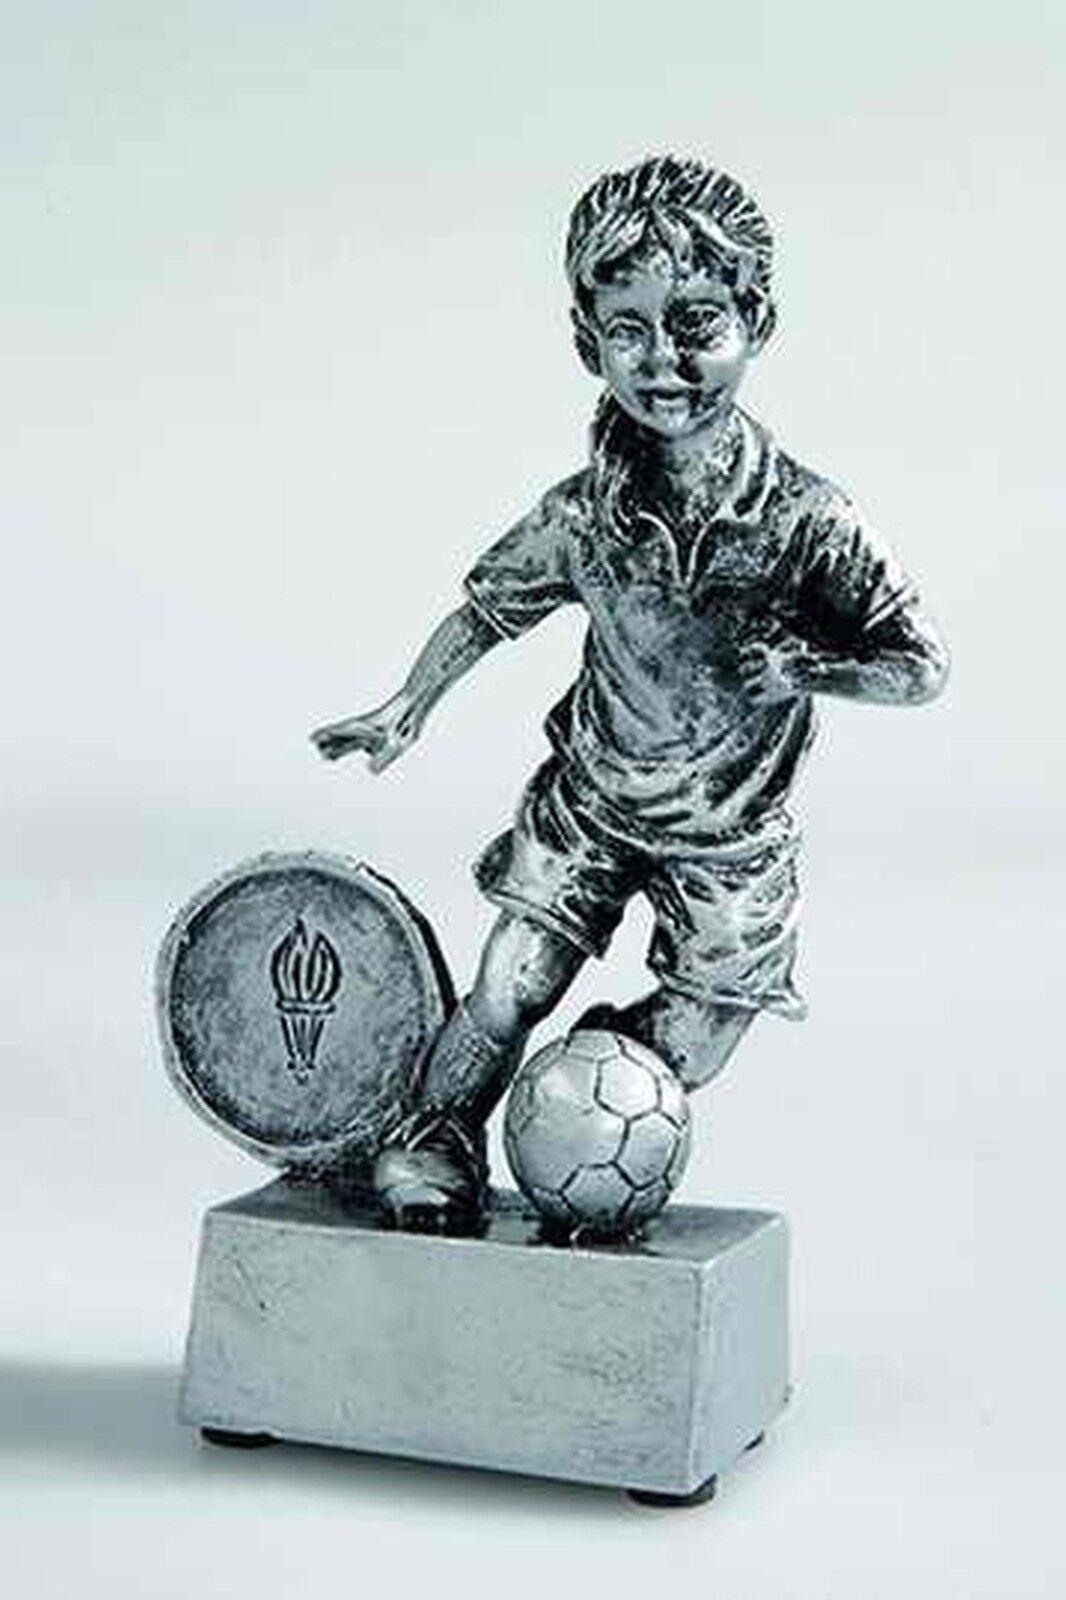 20 figuras de fútbol joven de fútbol plata 12cm   176e (trofeo trofeos grabado torneo)  tienda de bajo costo